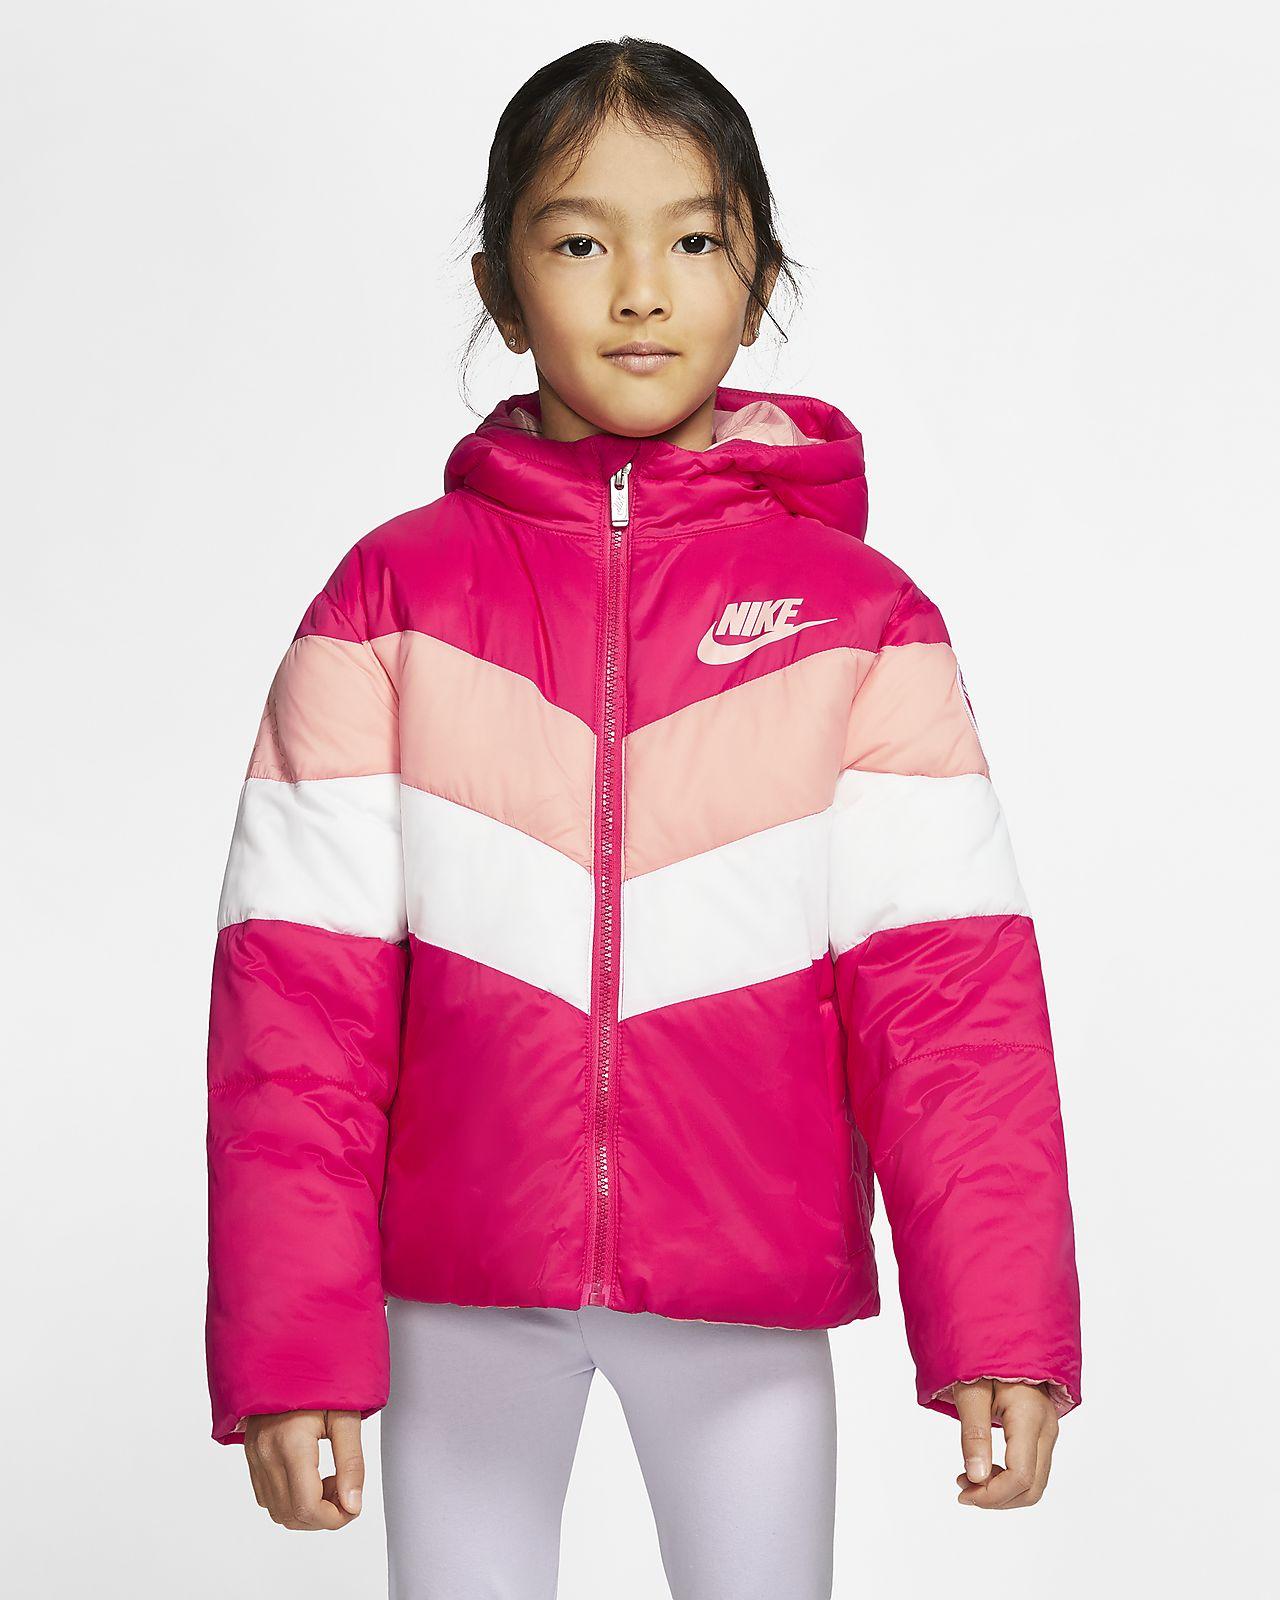 Nike dynejakke til små børn